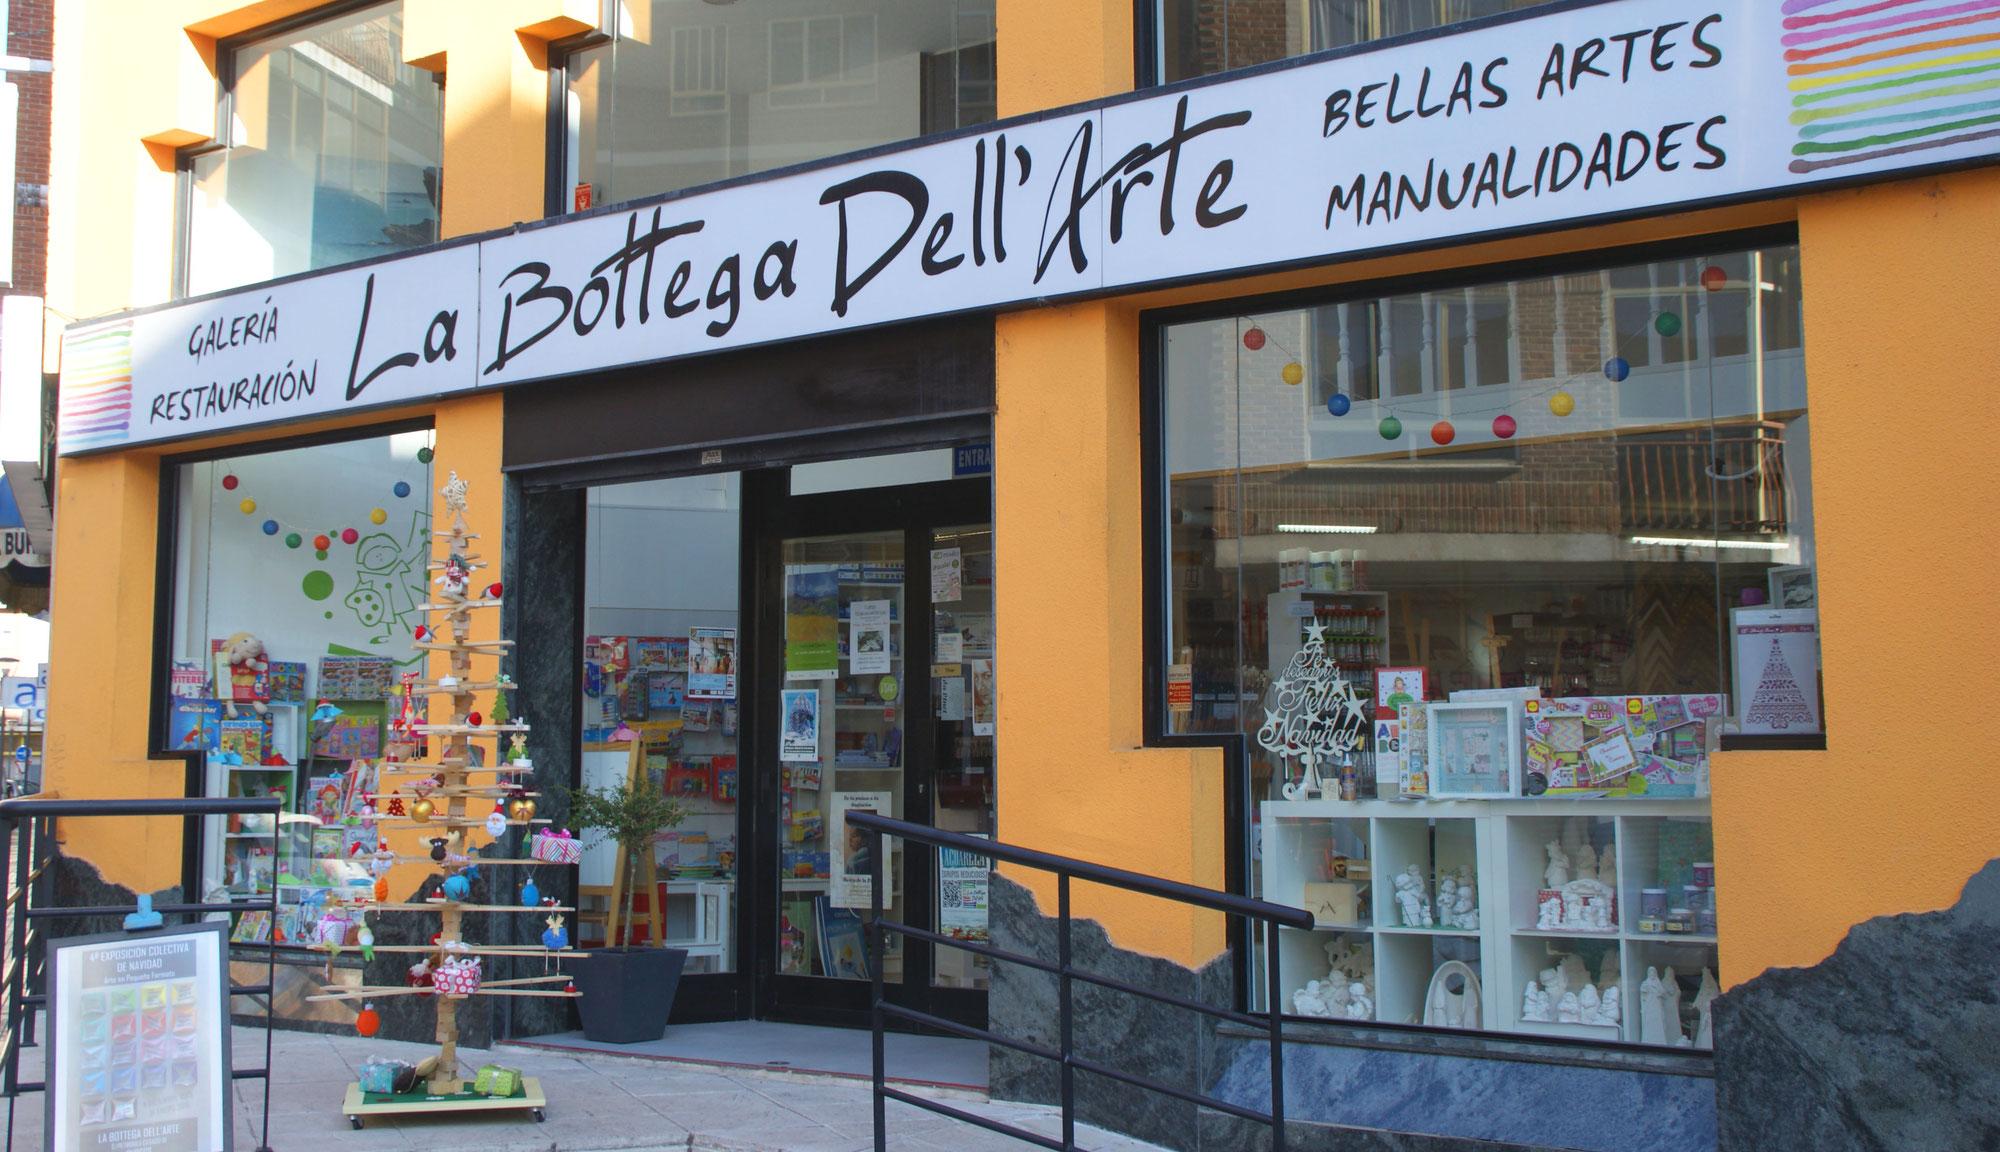 Scrapbook Y Decoupage Bellas Artes Manualidades Scrapbook